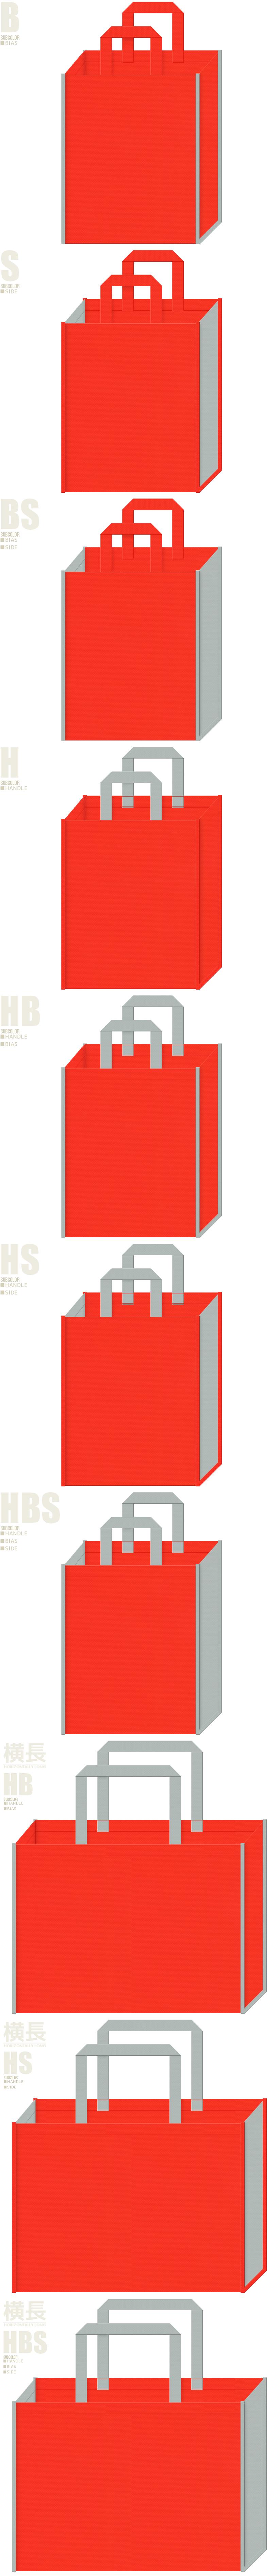 オレンジ色とグレー色-不織布バッグの二色配色デザイン例-アウトドア、スポーティーな不織布バッグにお奨めです。